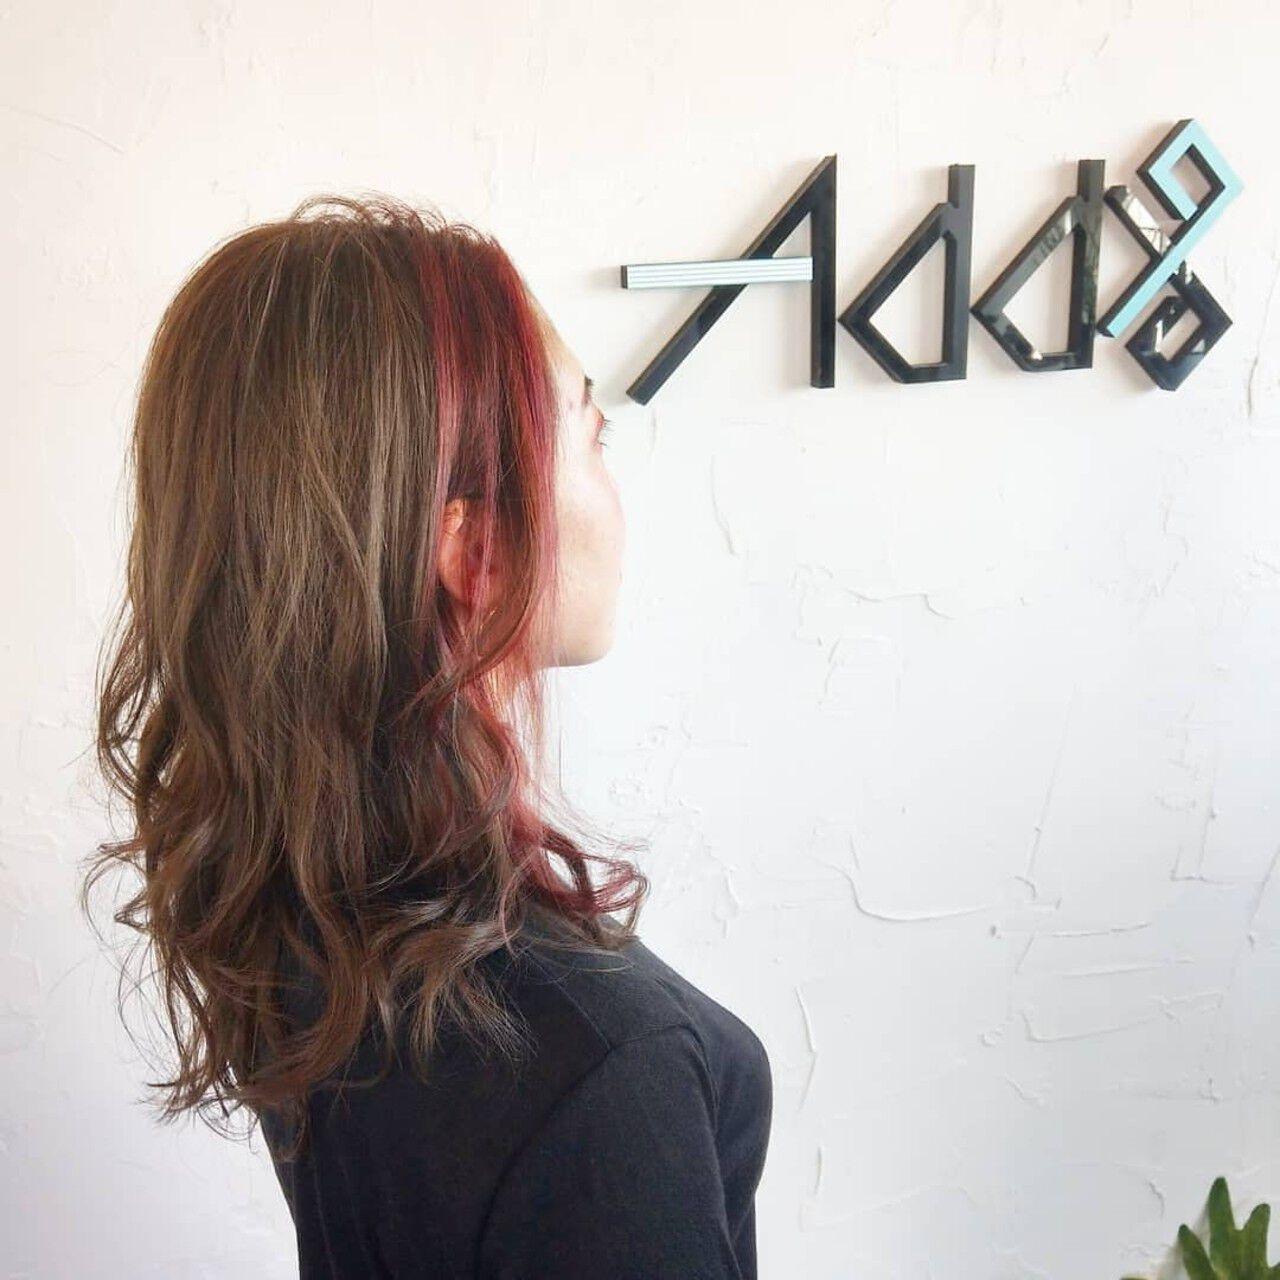 セミロング 韓国ヘア ガーリー ウルフカットヘアスタイルや髪型の写真・画像